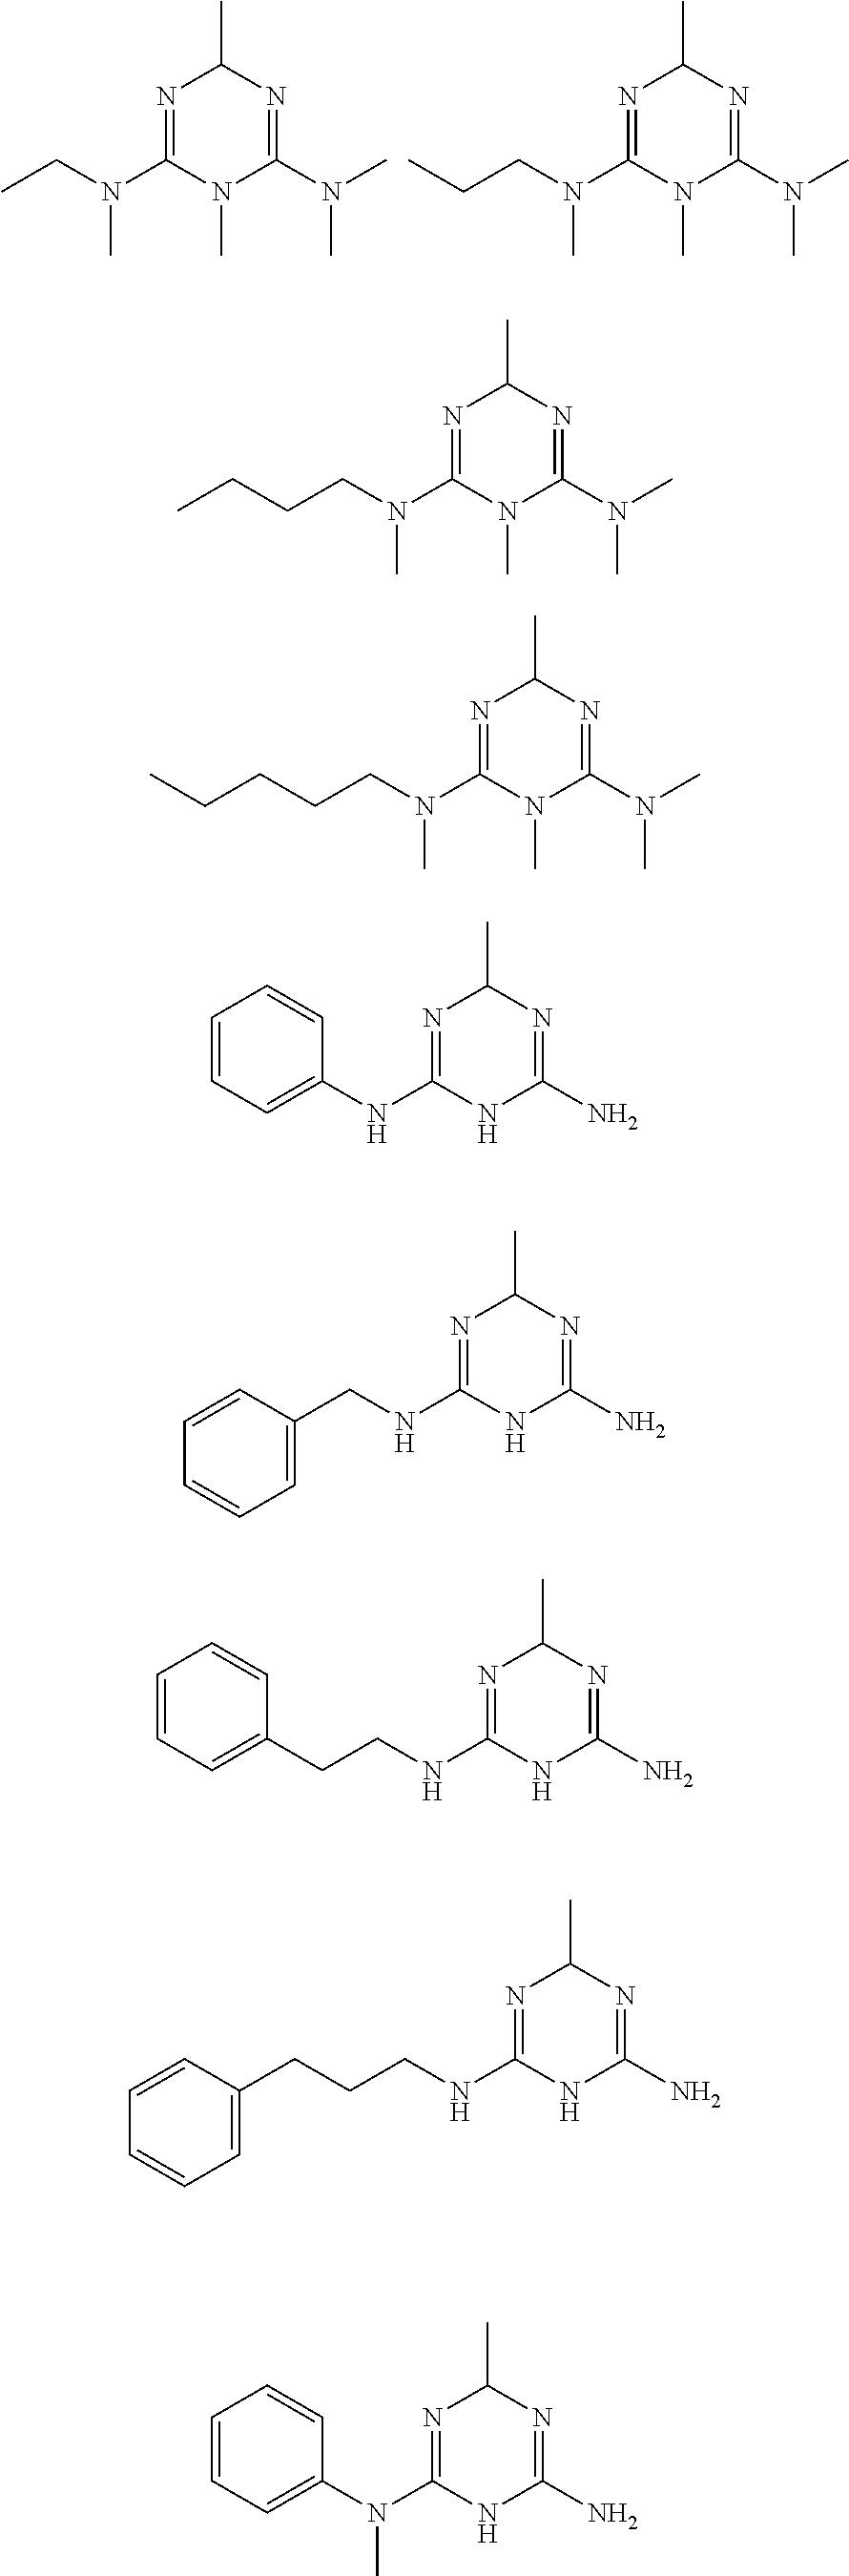 Figure US09480663-20161101-C00169